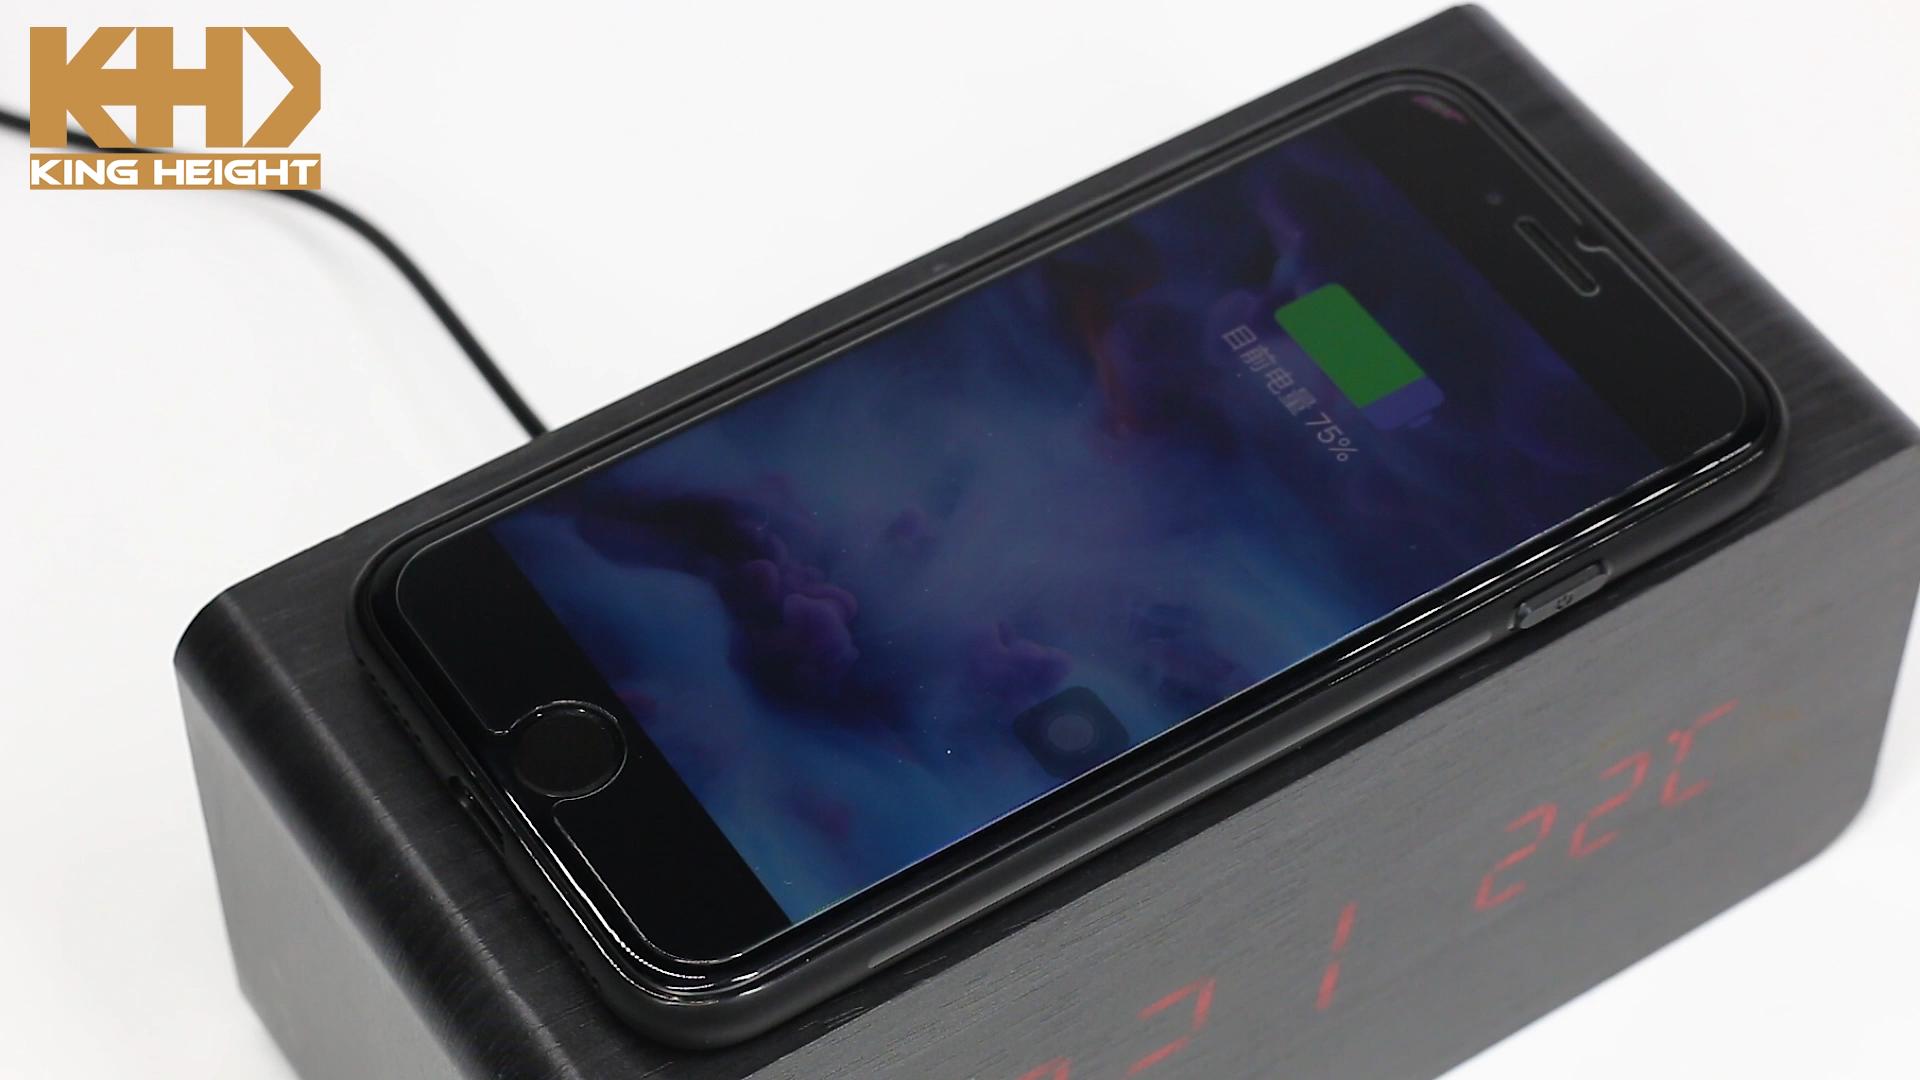 KH-WC021 उच्च गुणवत्ता बहु समारोह मोबाइल डिजिटल एलईडी टेबल लकड़ी अलार्म घड़ी तेजी से क्यूई फोन वायरलेस चार्जर के लिए Iphone